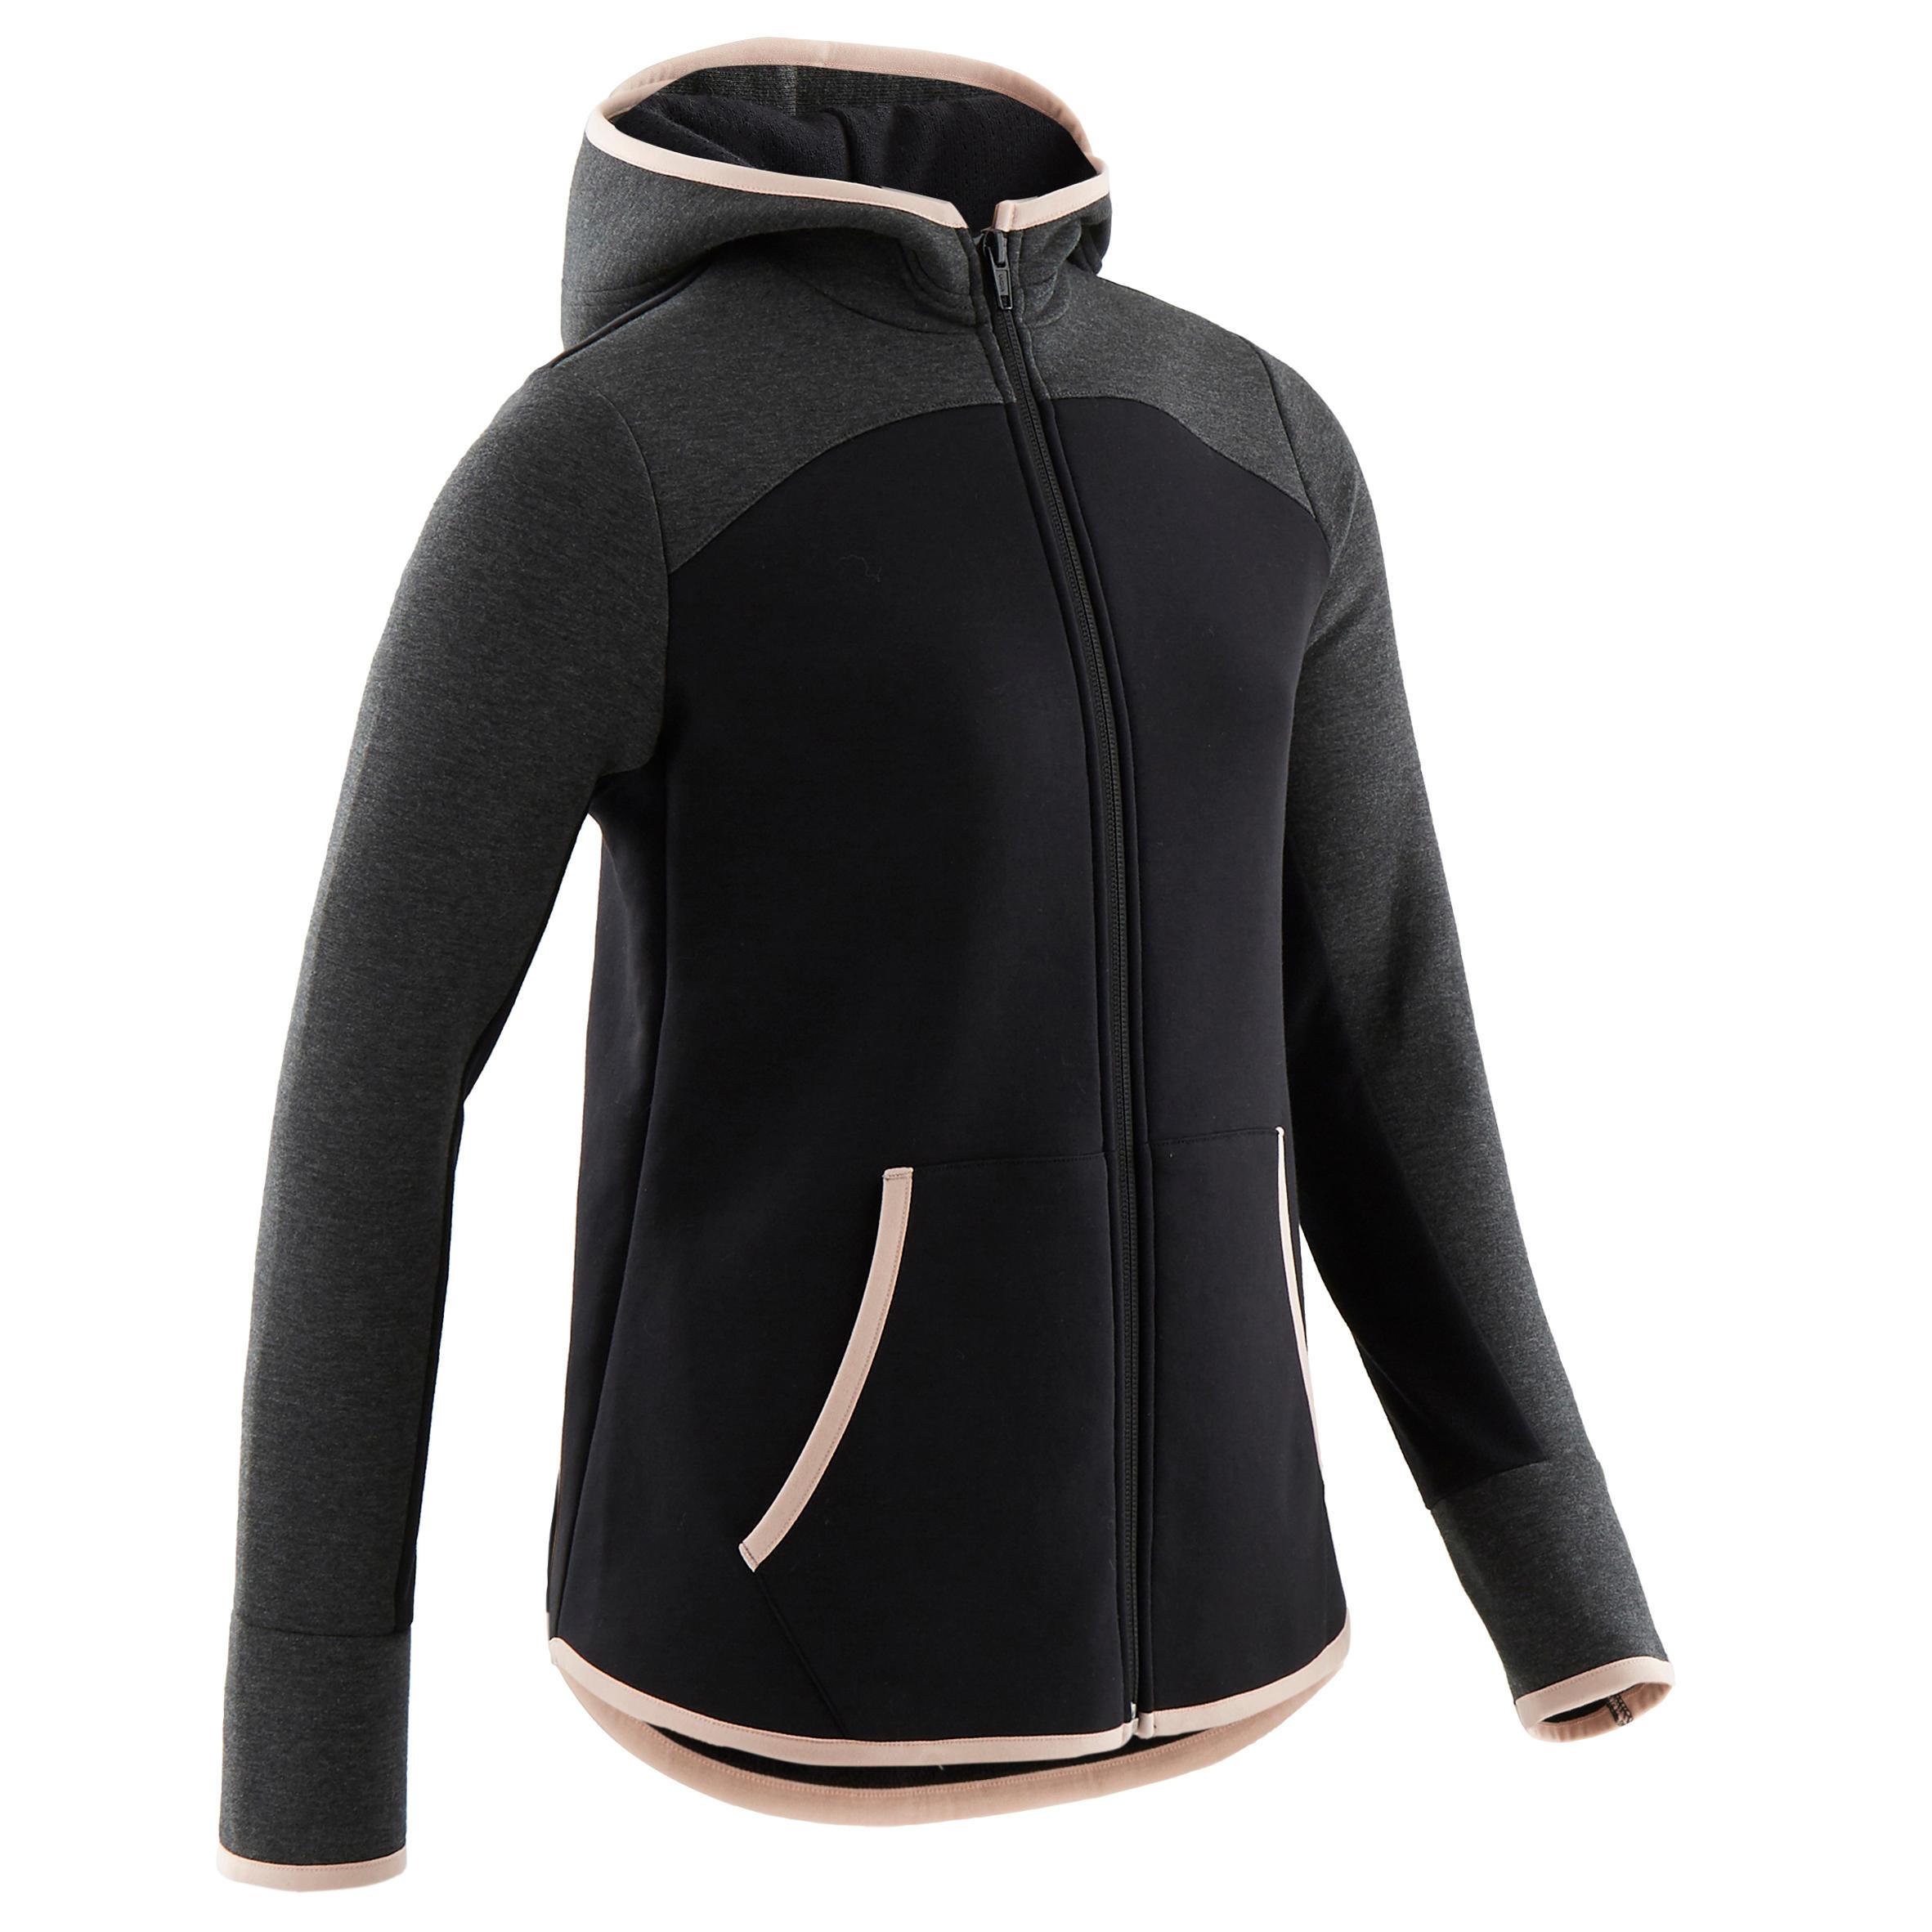 Jachetă W3 500 gri băieți la Reducere poza